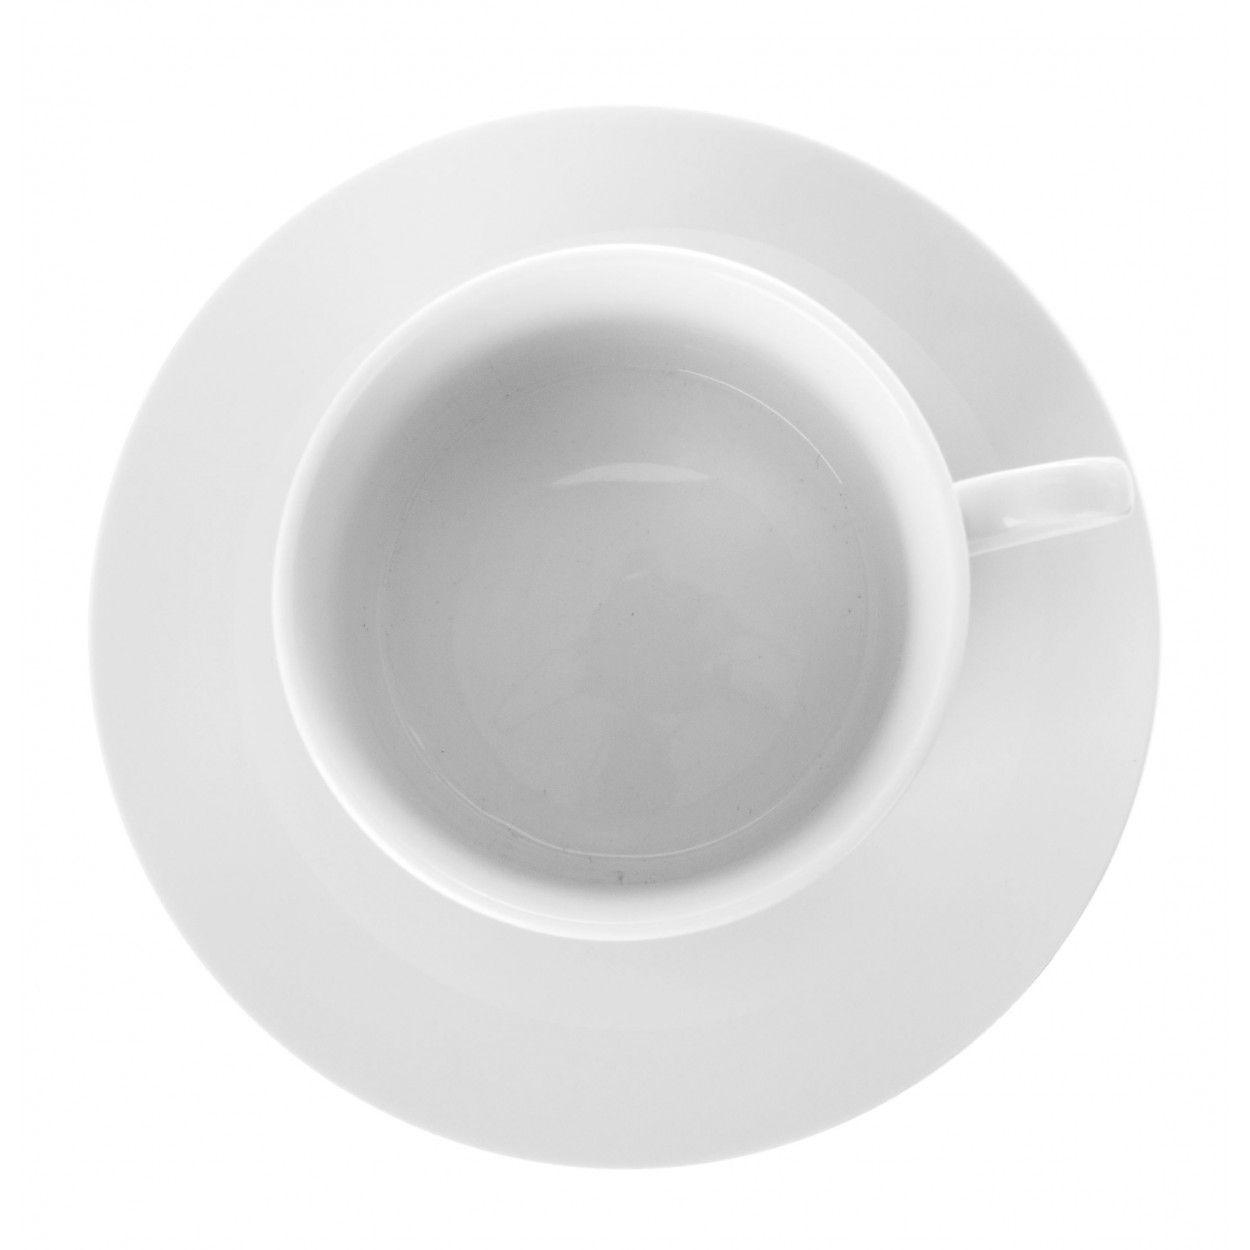 Comprar juego de te platos y tazas en color blanco for Set de platos